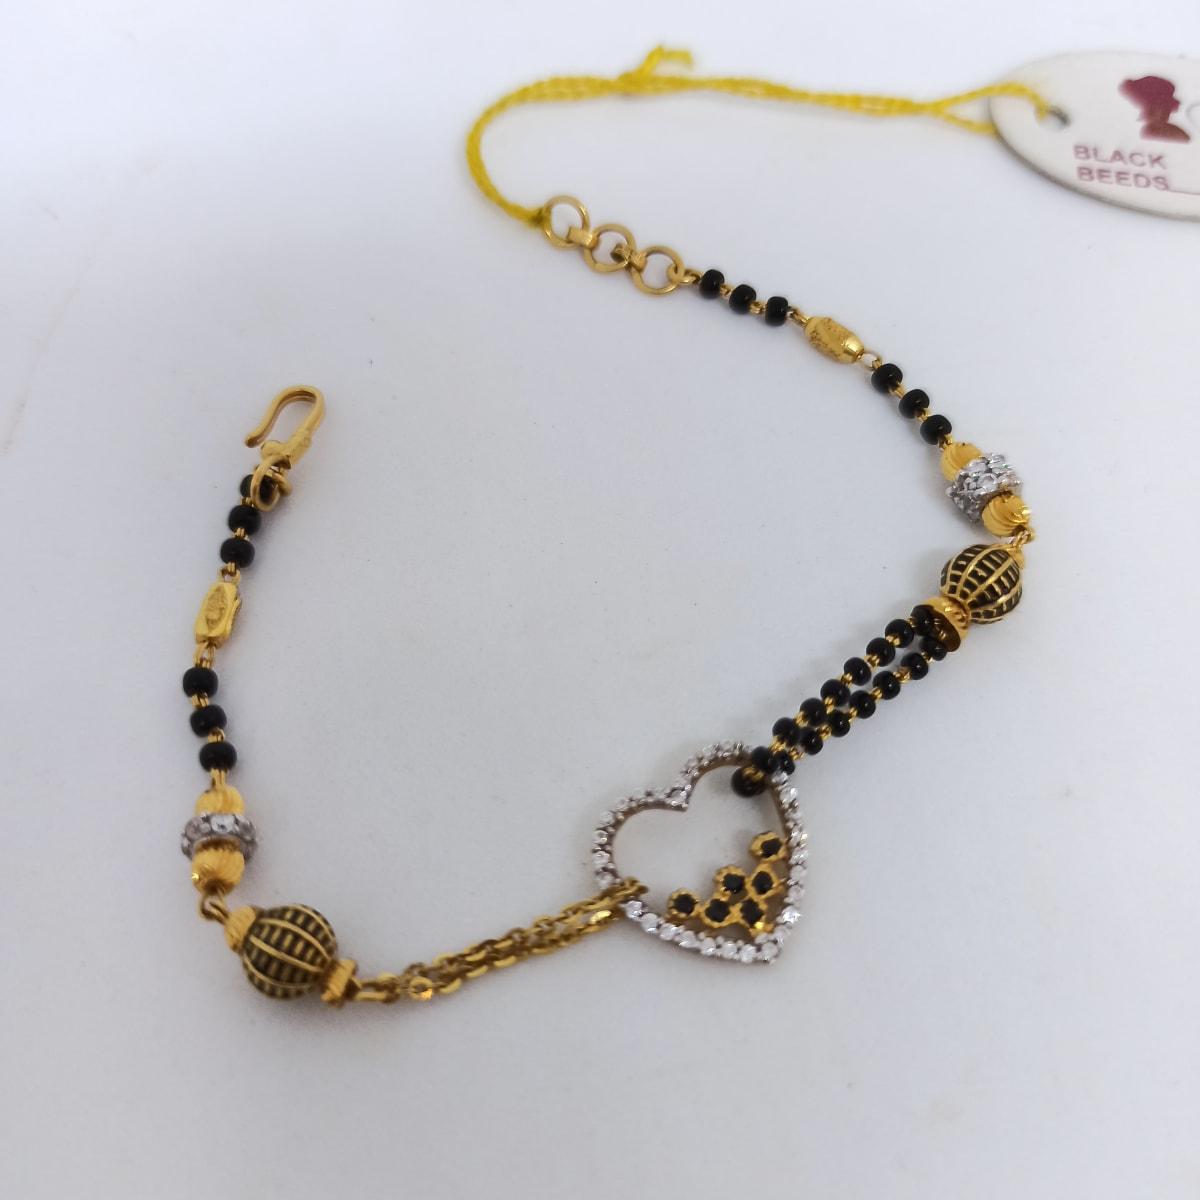 Black Bead Heart Bracelet